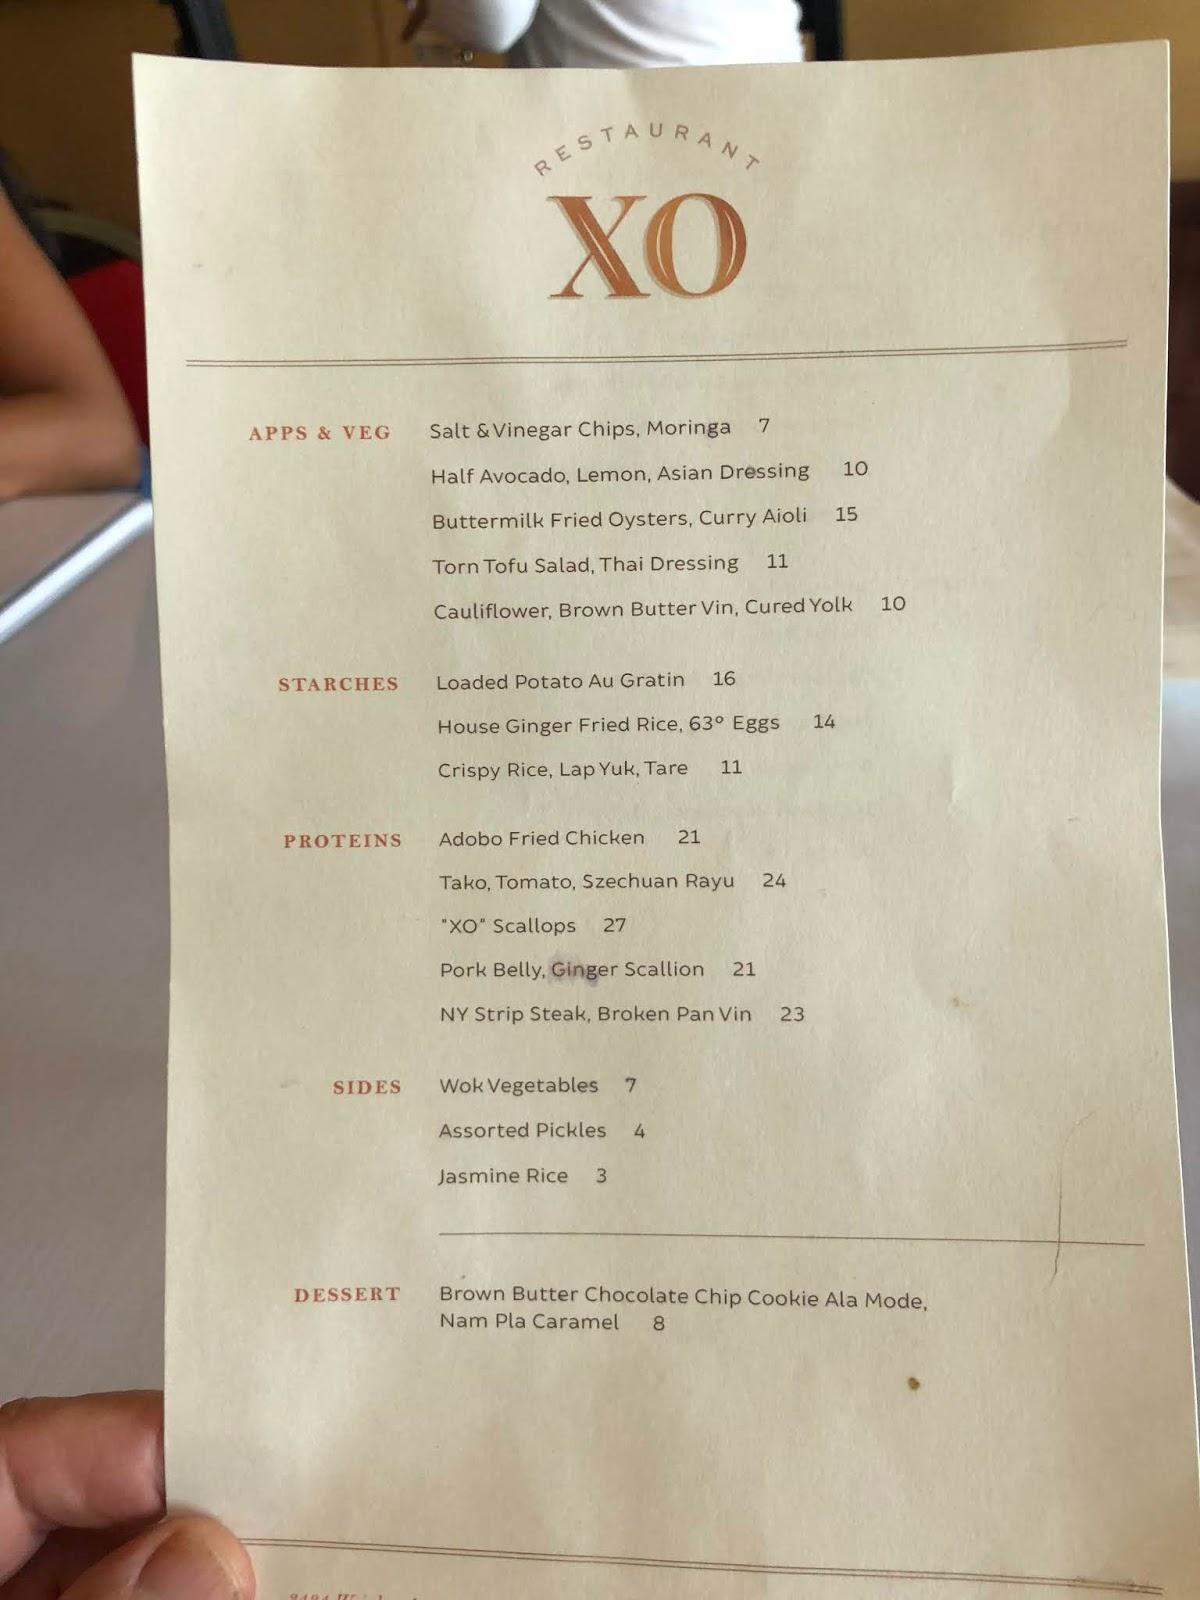 Great Eats Hawaii Restaurant Xo